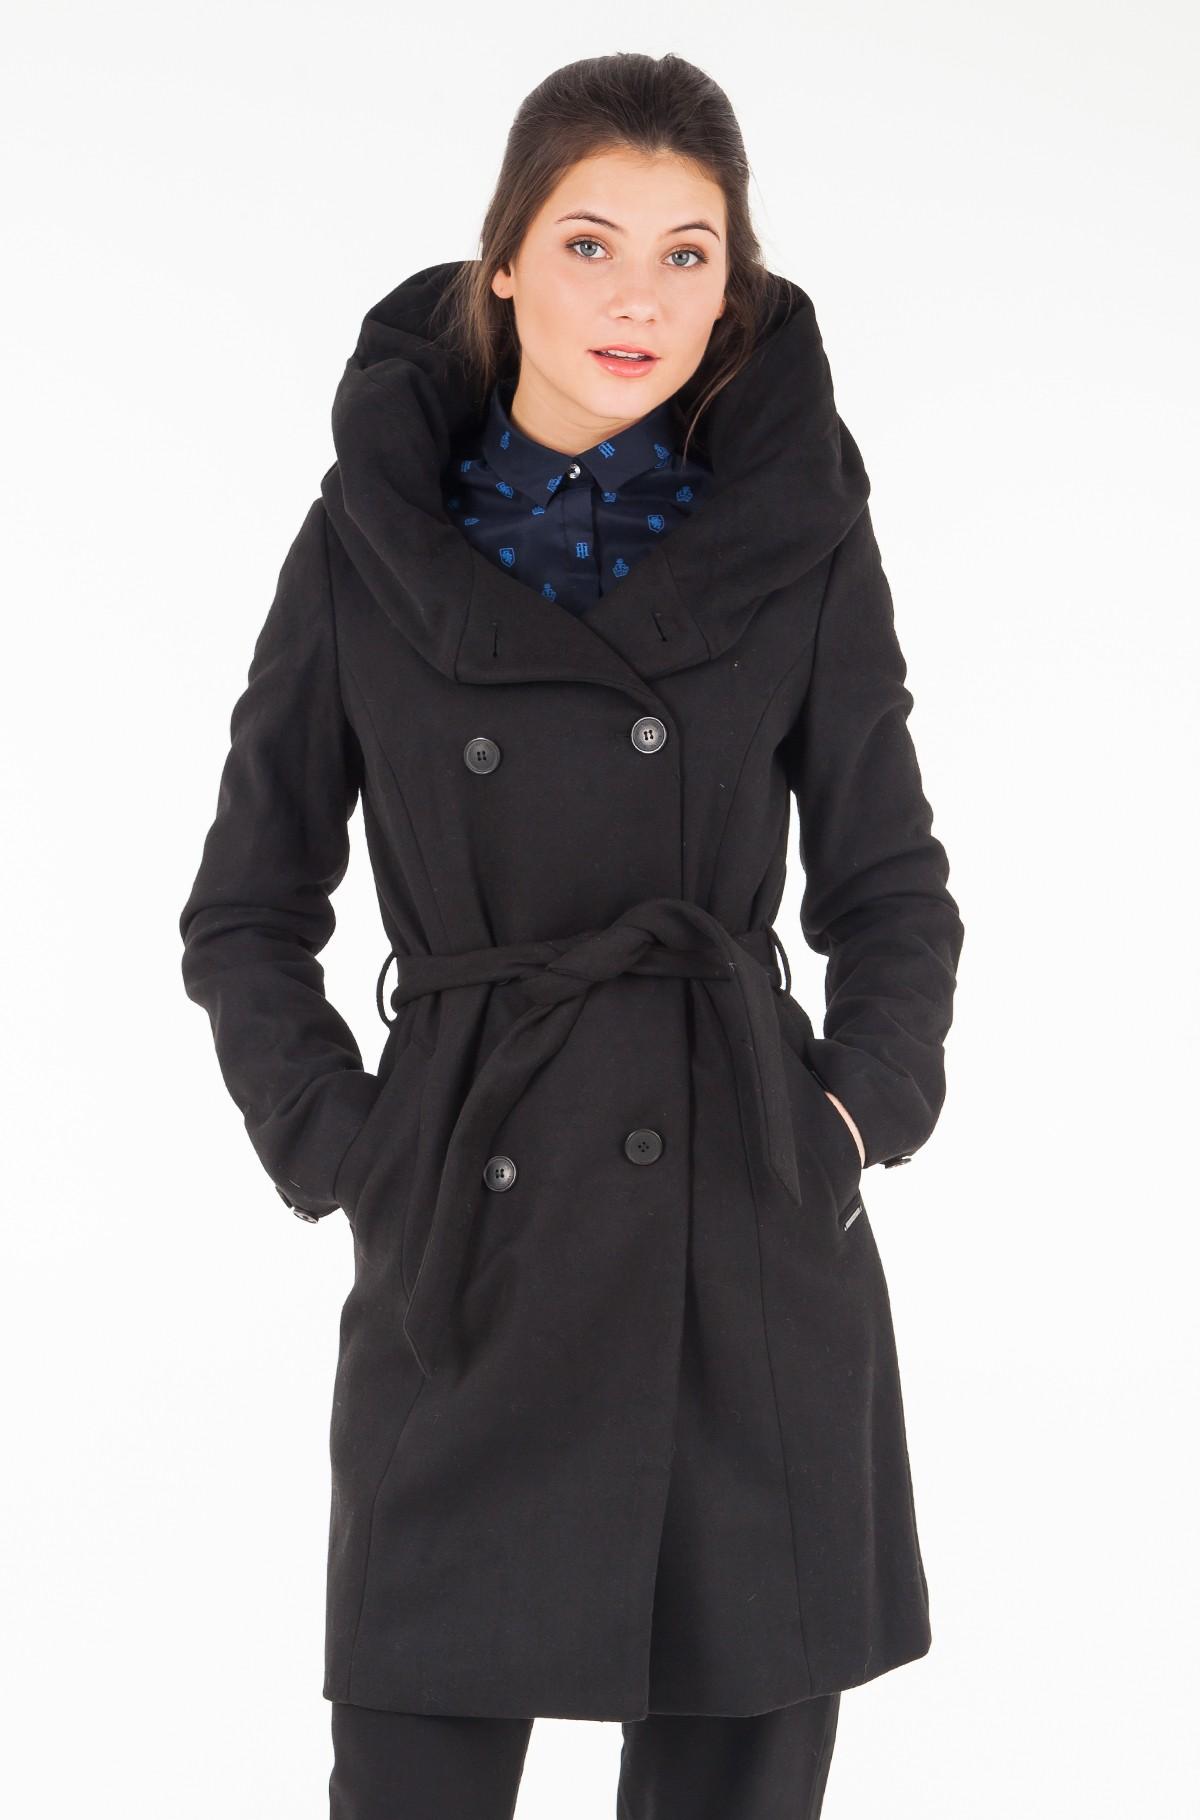 Coat 3555397.00.70-full-1